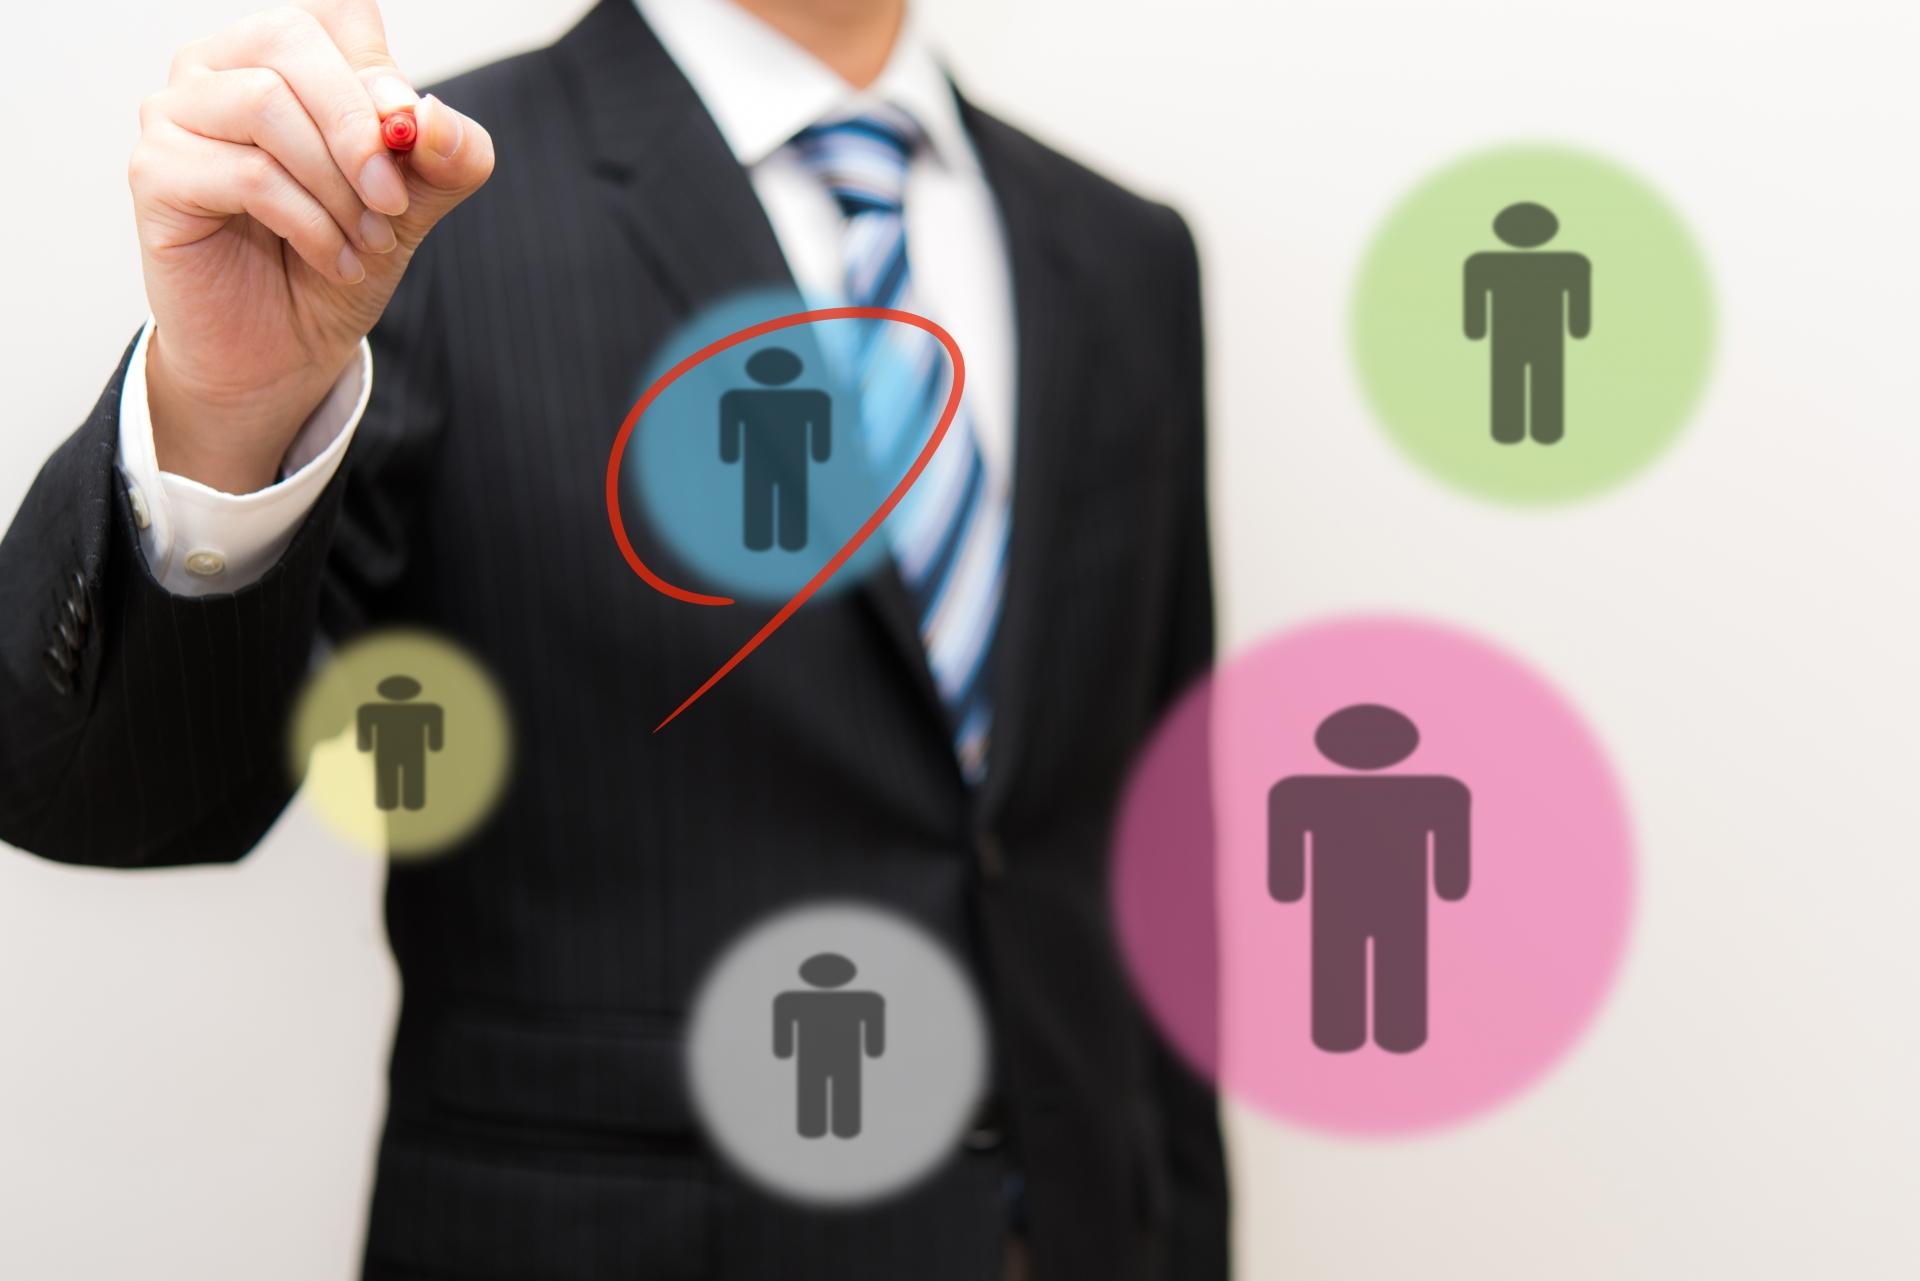 敏捷性をもってユーザーマネジメント力を強化する